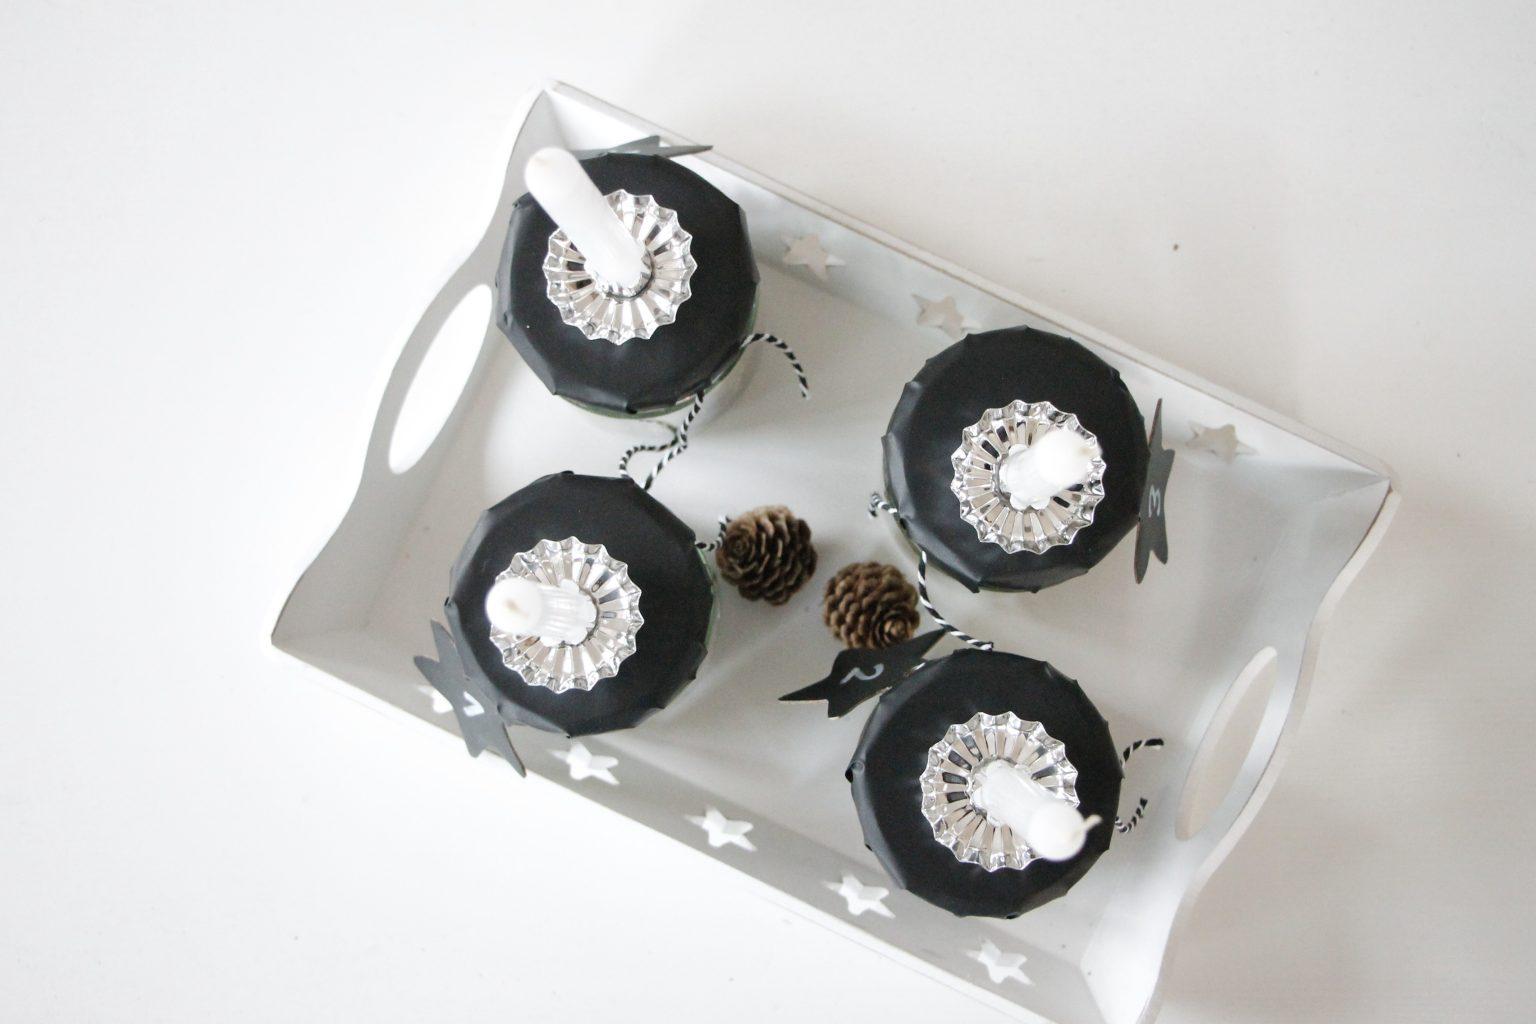 Adventskranz mit weißen Kerzen OTTO Shopping Festival